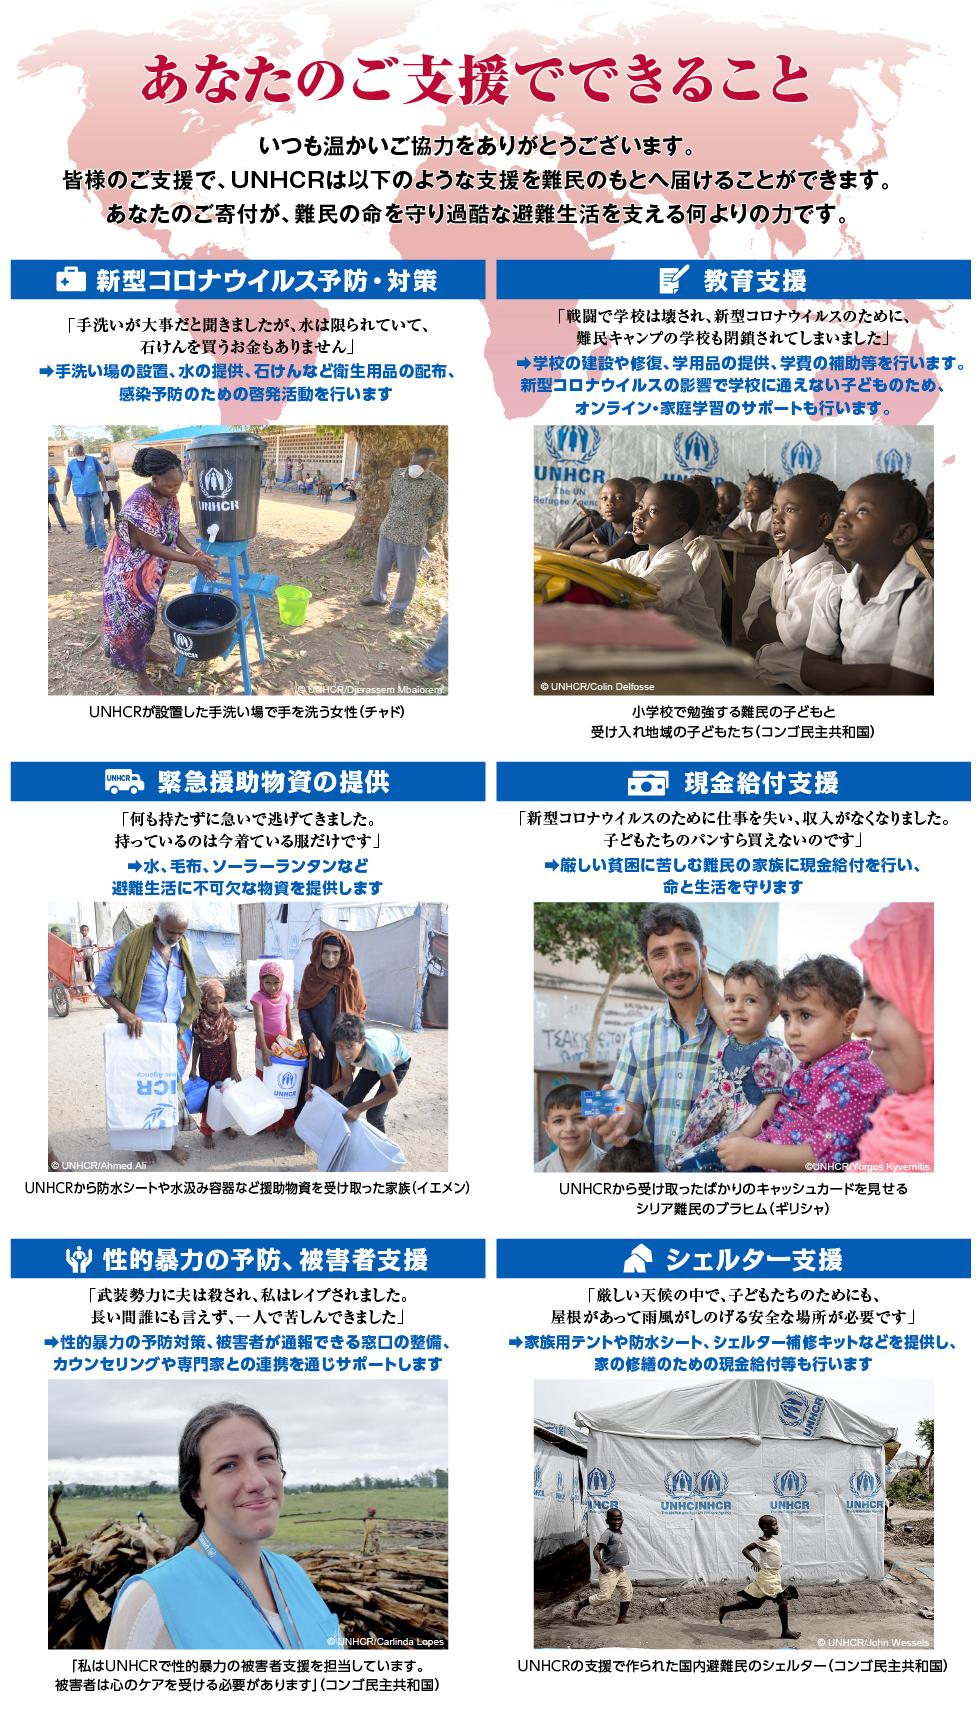 あなたのご支援でできること いつも温かいご協力をありがとうございます。皆様のご支援で、UNHCR は以下のような支援を難民のもとへ届けることができます。あなたのご寄付が、難民の命を守り過酷な避難生活を支える何よりの力です。 新型コロナウイルス予防・対策 教育支援 緊急援助物資の提供 現金給付支援 性的暴力の予防、被害者支援 シェルター支援